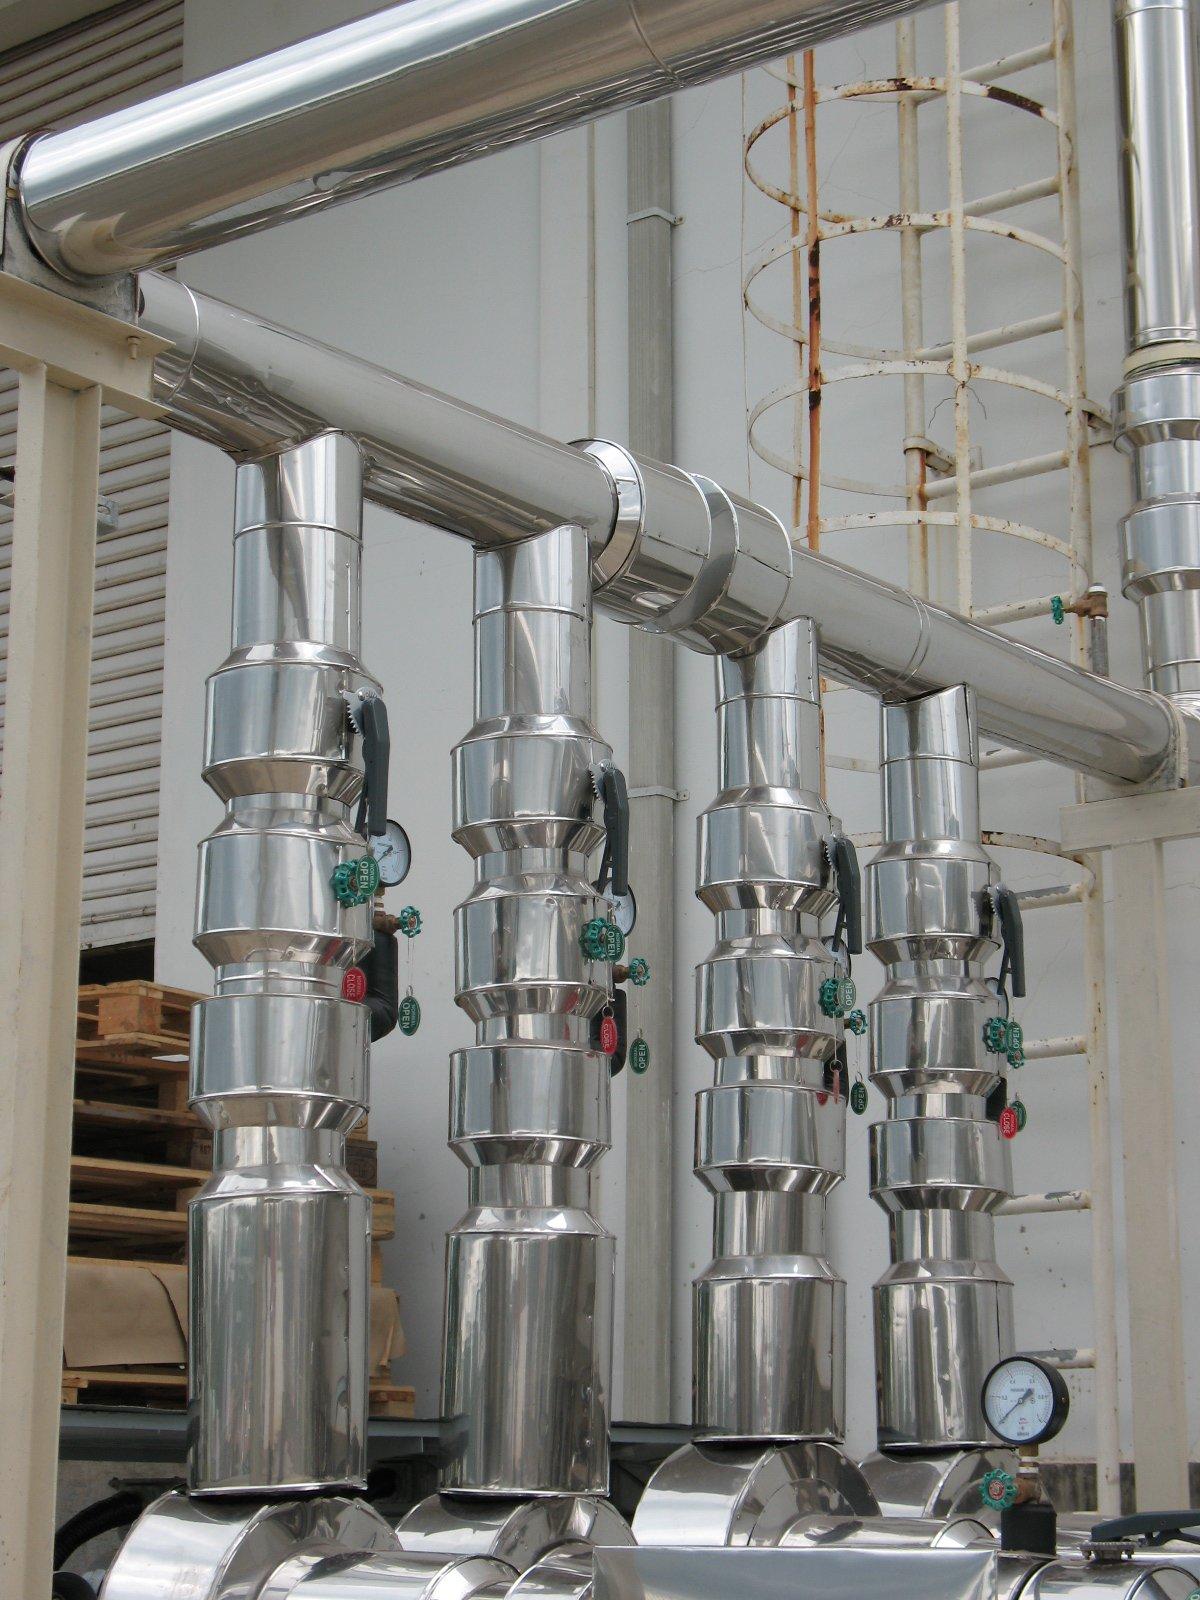 Đơn vị cung cấp bông ống định hình Dragon Rockwool uy tín, chất lượng.